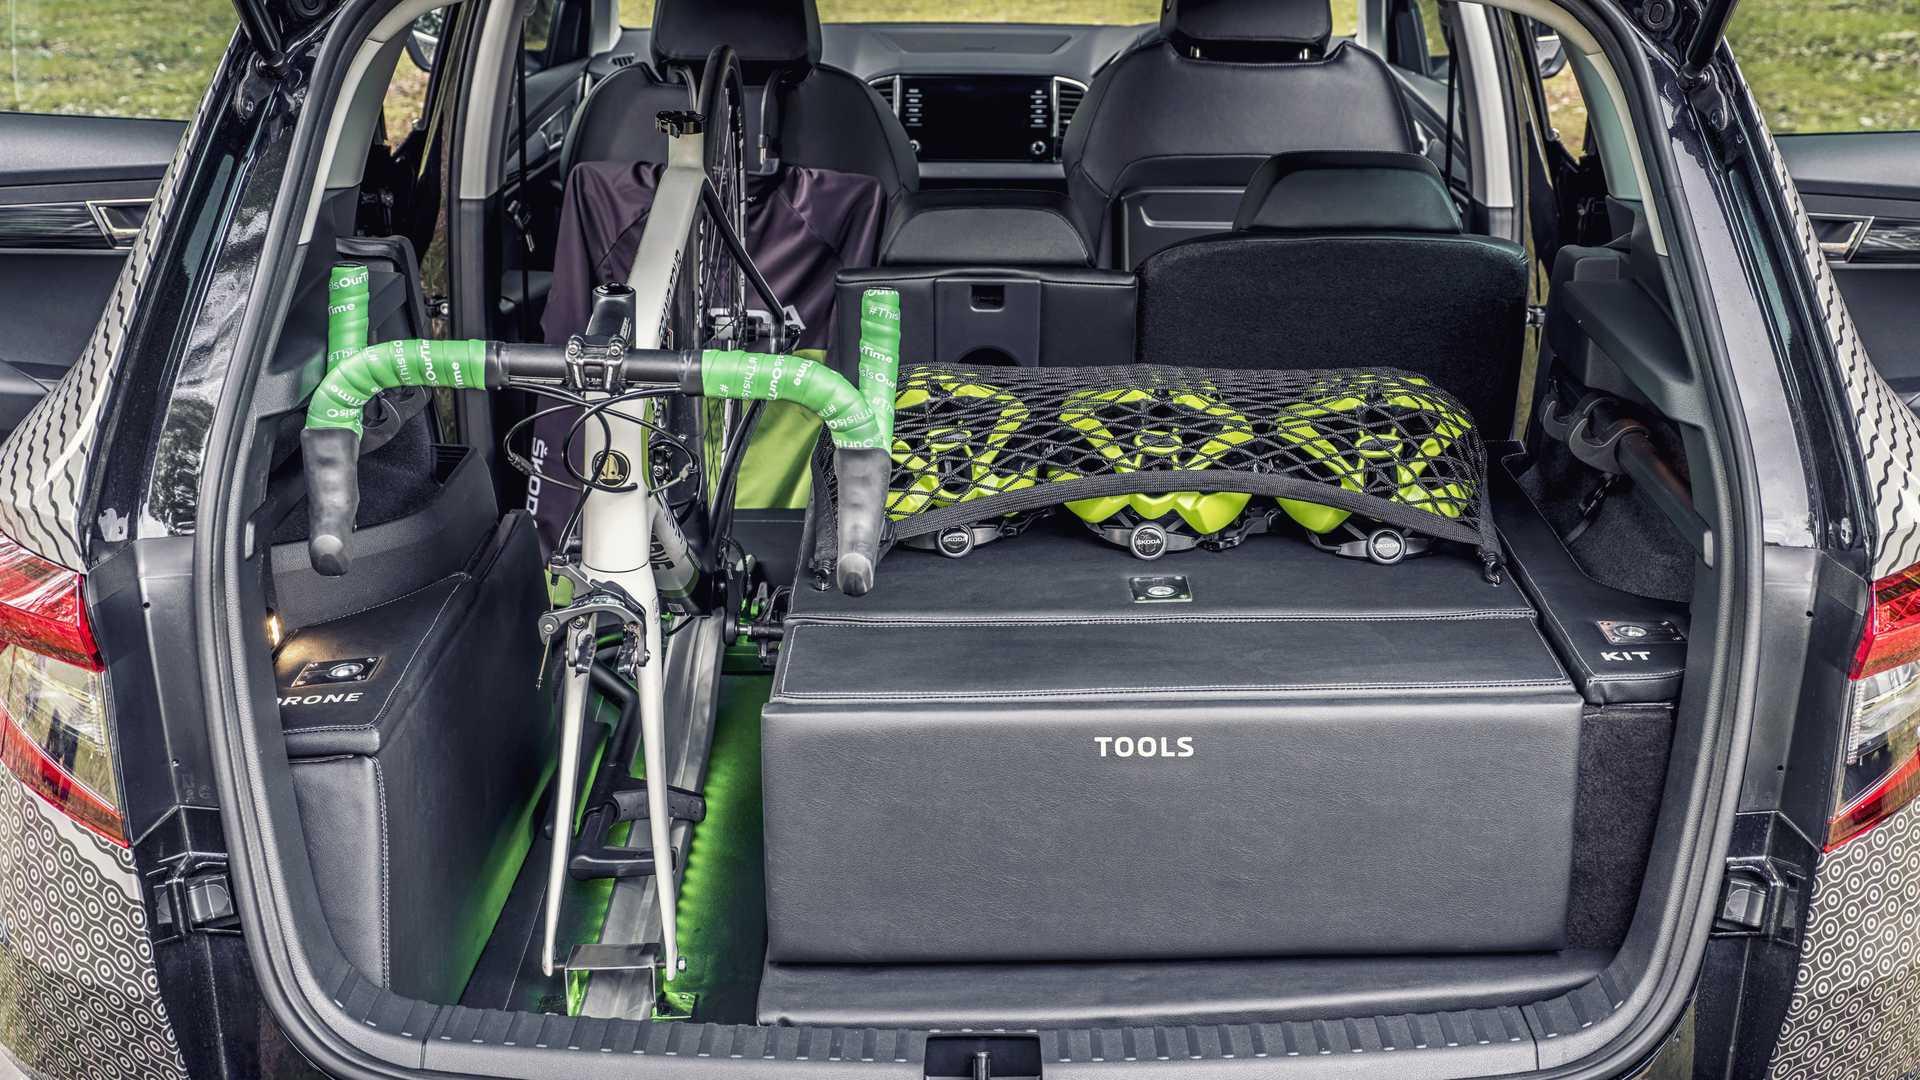 Skoda випустила кросовер Karoq для велосипедистів